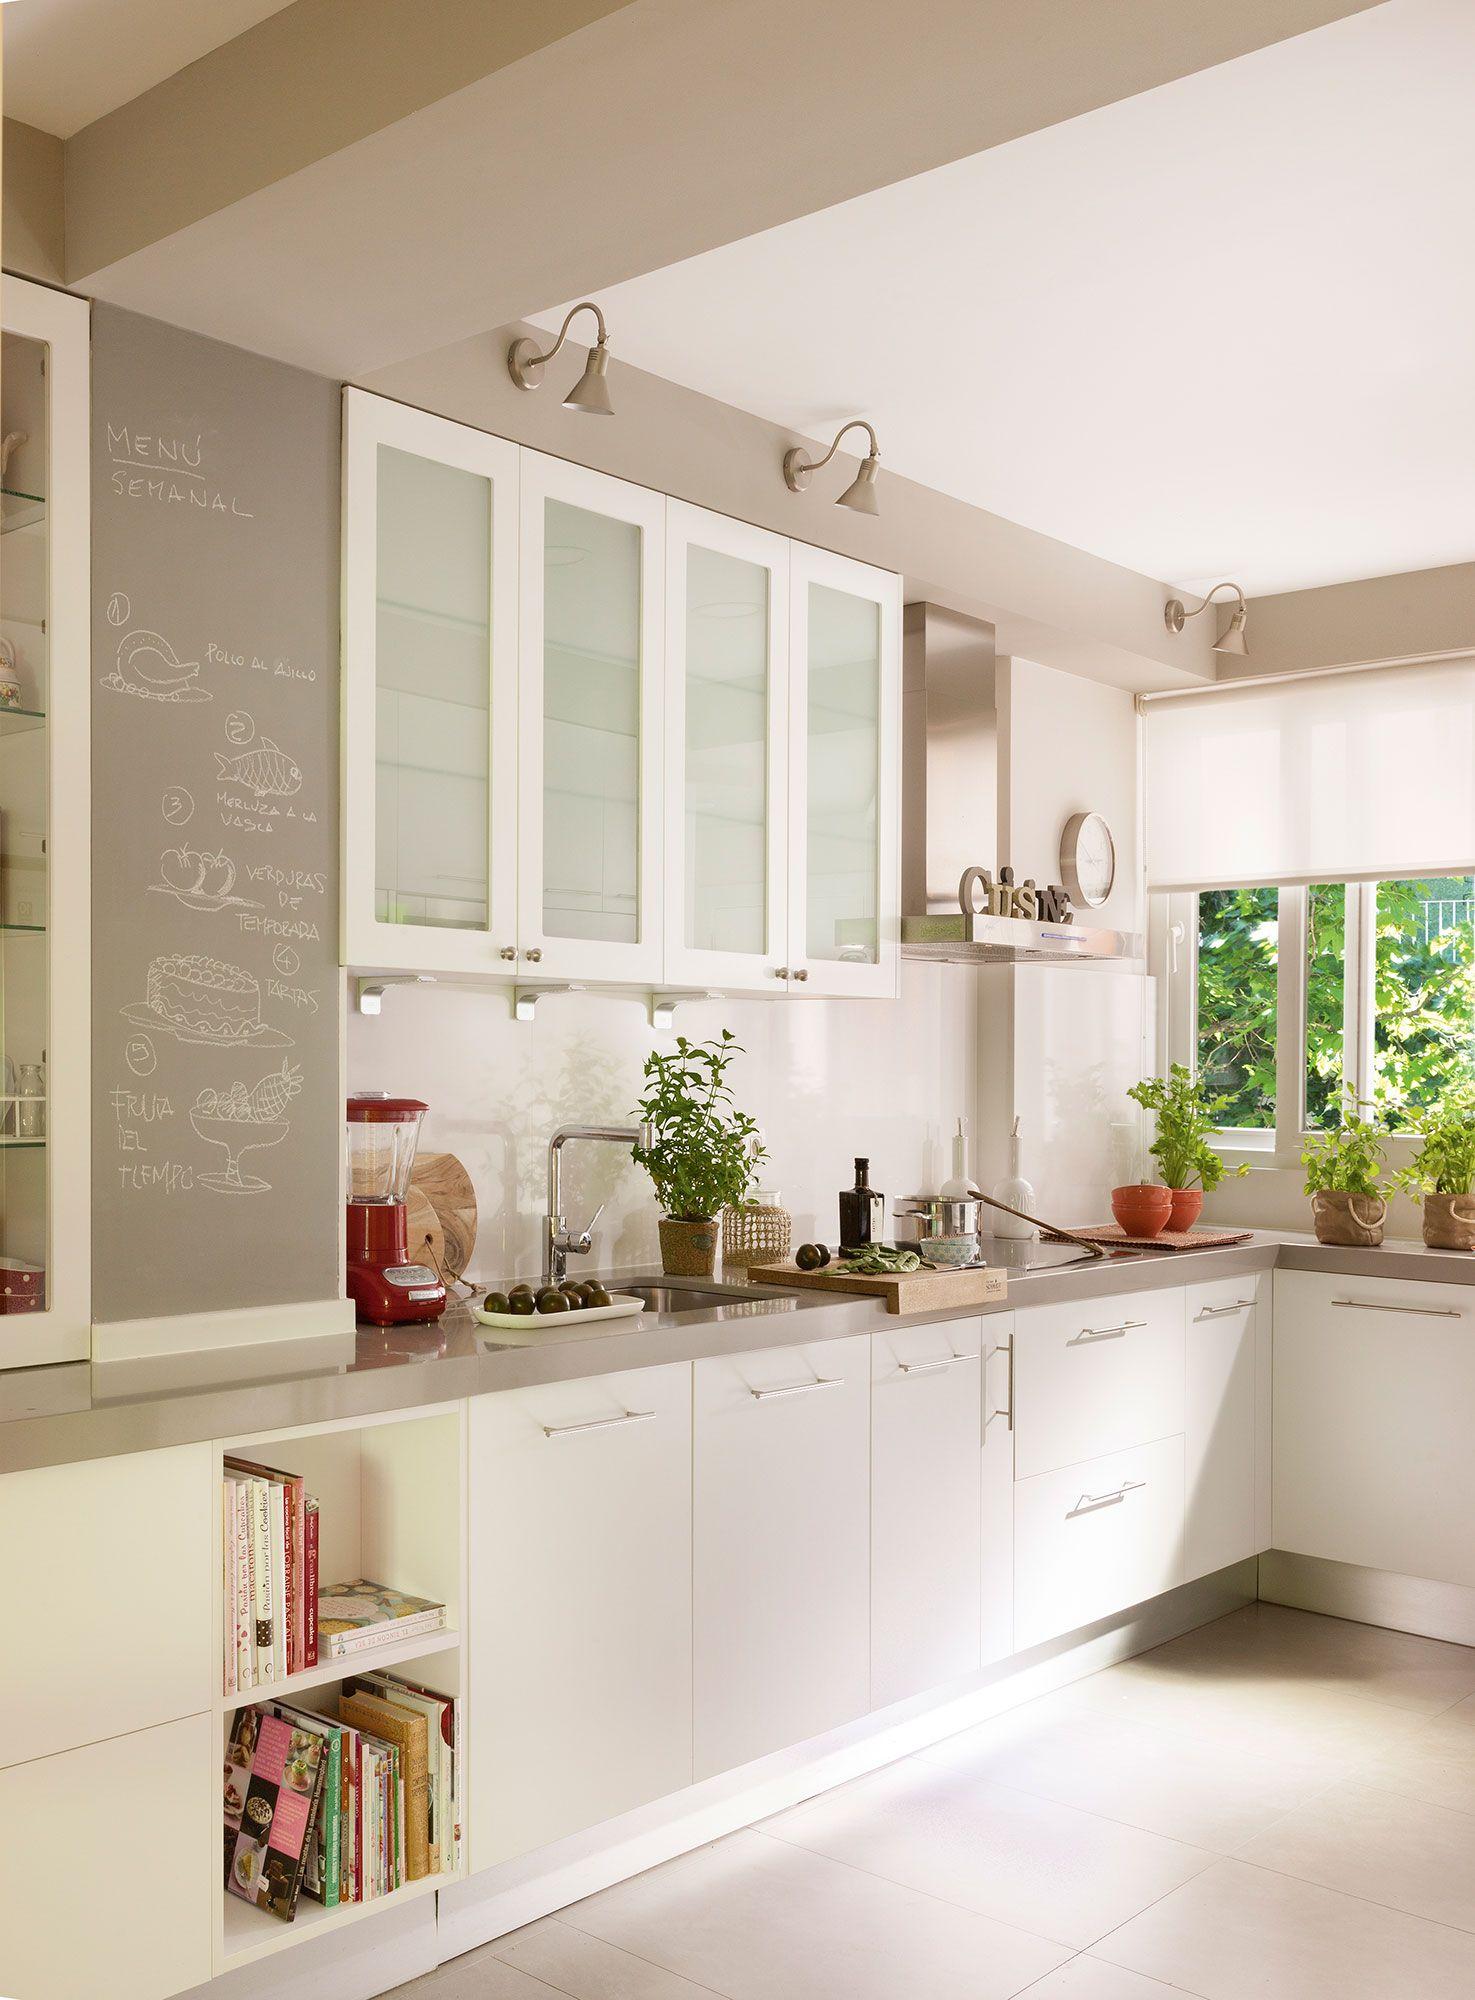 Cambiar cocina sin obras amazing ideas para renovar la - Tapar azulejos sin obra ...